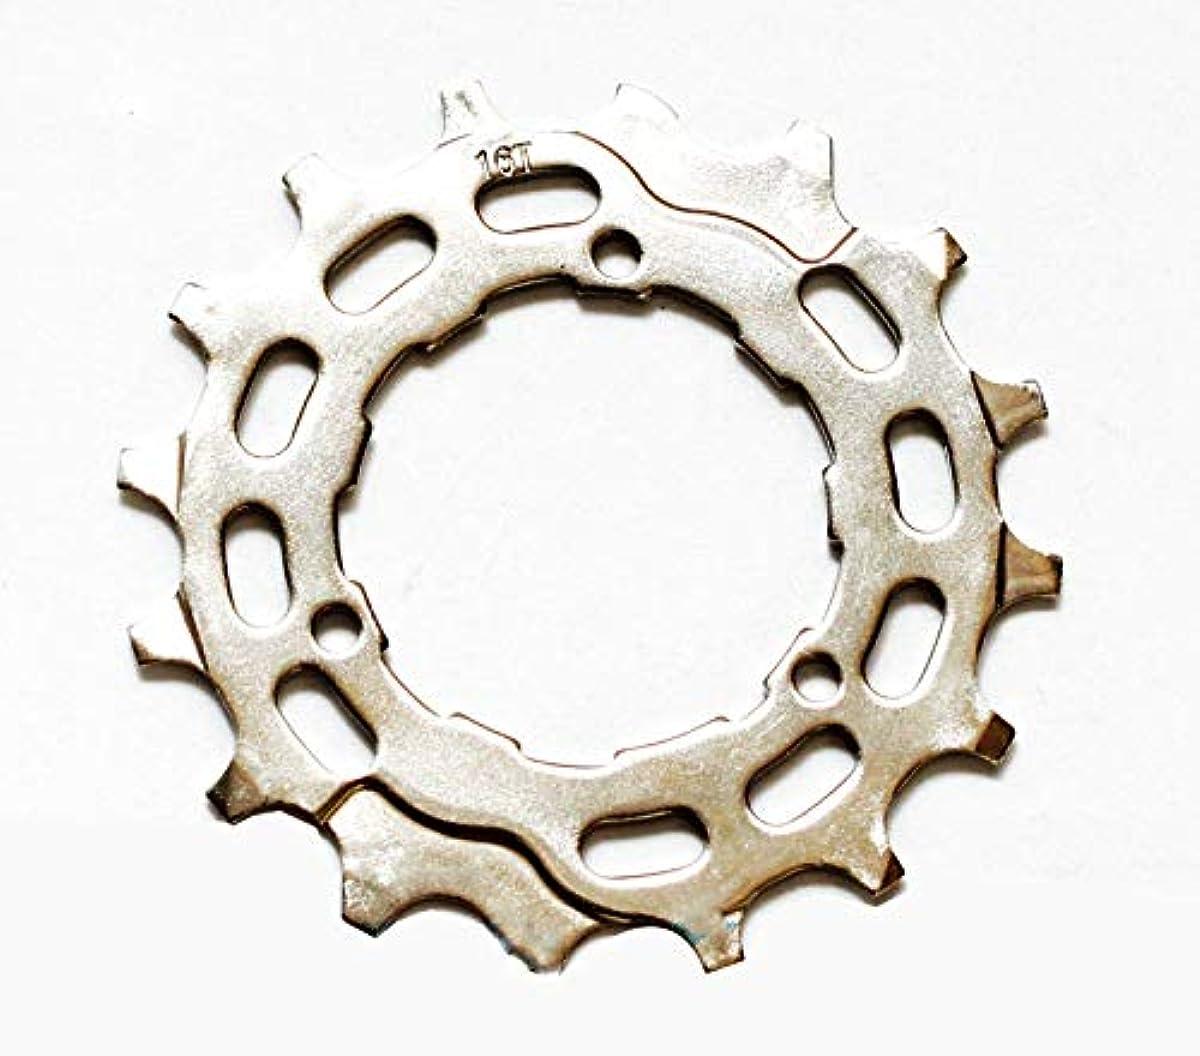 [해외] ACEOFFIX 카세트 스프로킷 프리 휠 2스피드 3스피드 BROMPTON접이식 자전거용 11T 12T 13T 14T 15T 16T 17T 18T 19T 21T 24T 28T 32T